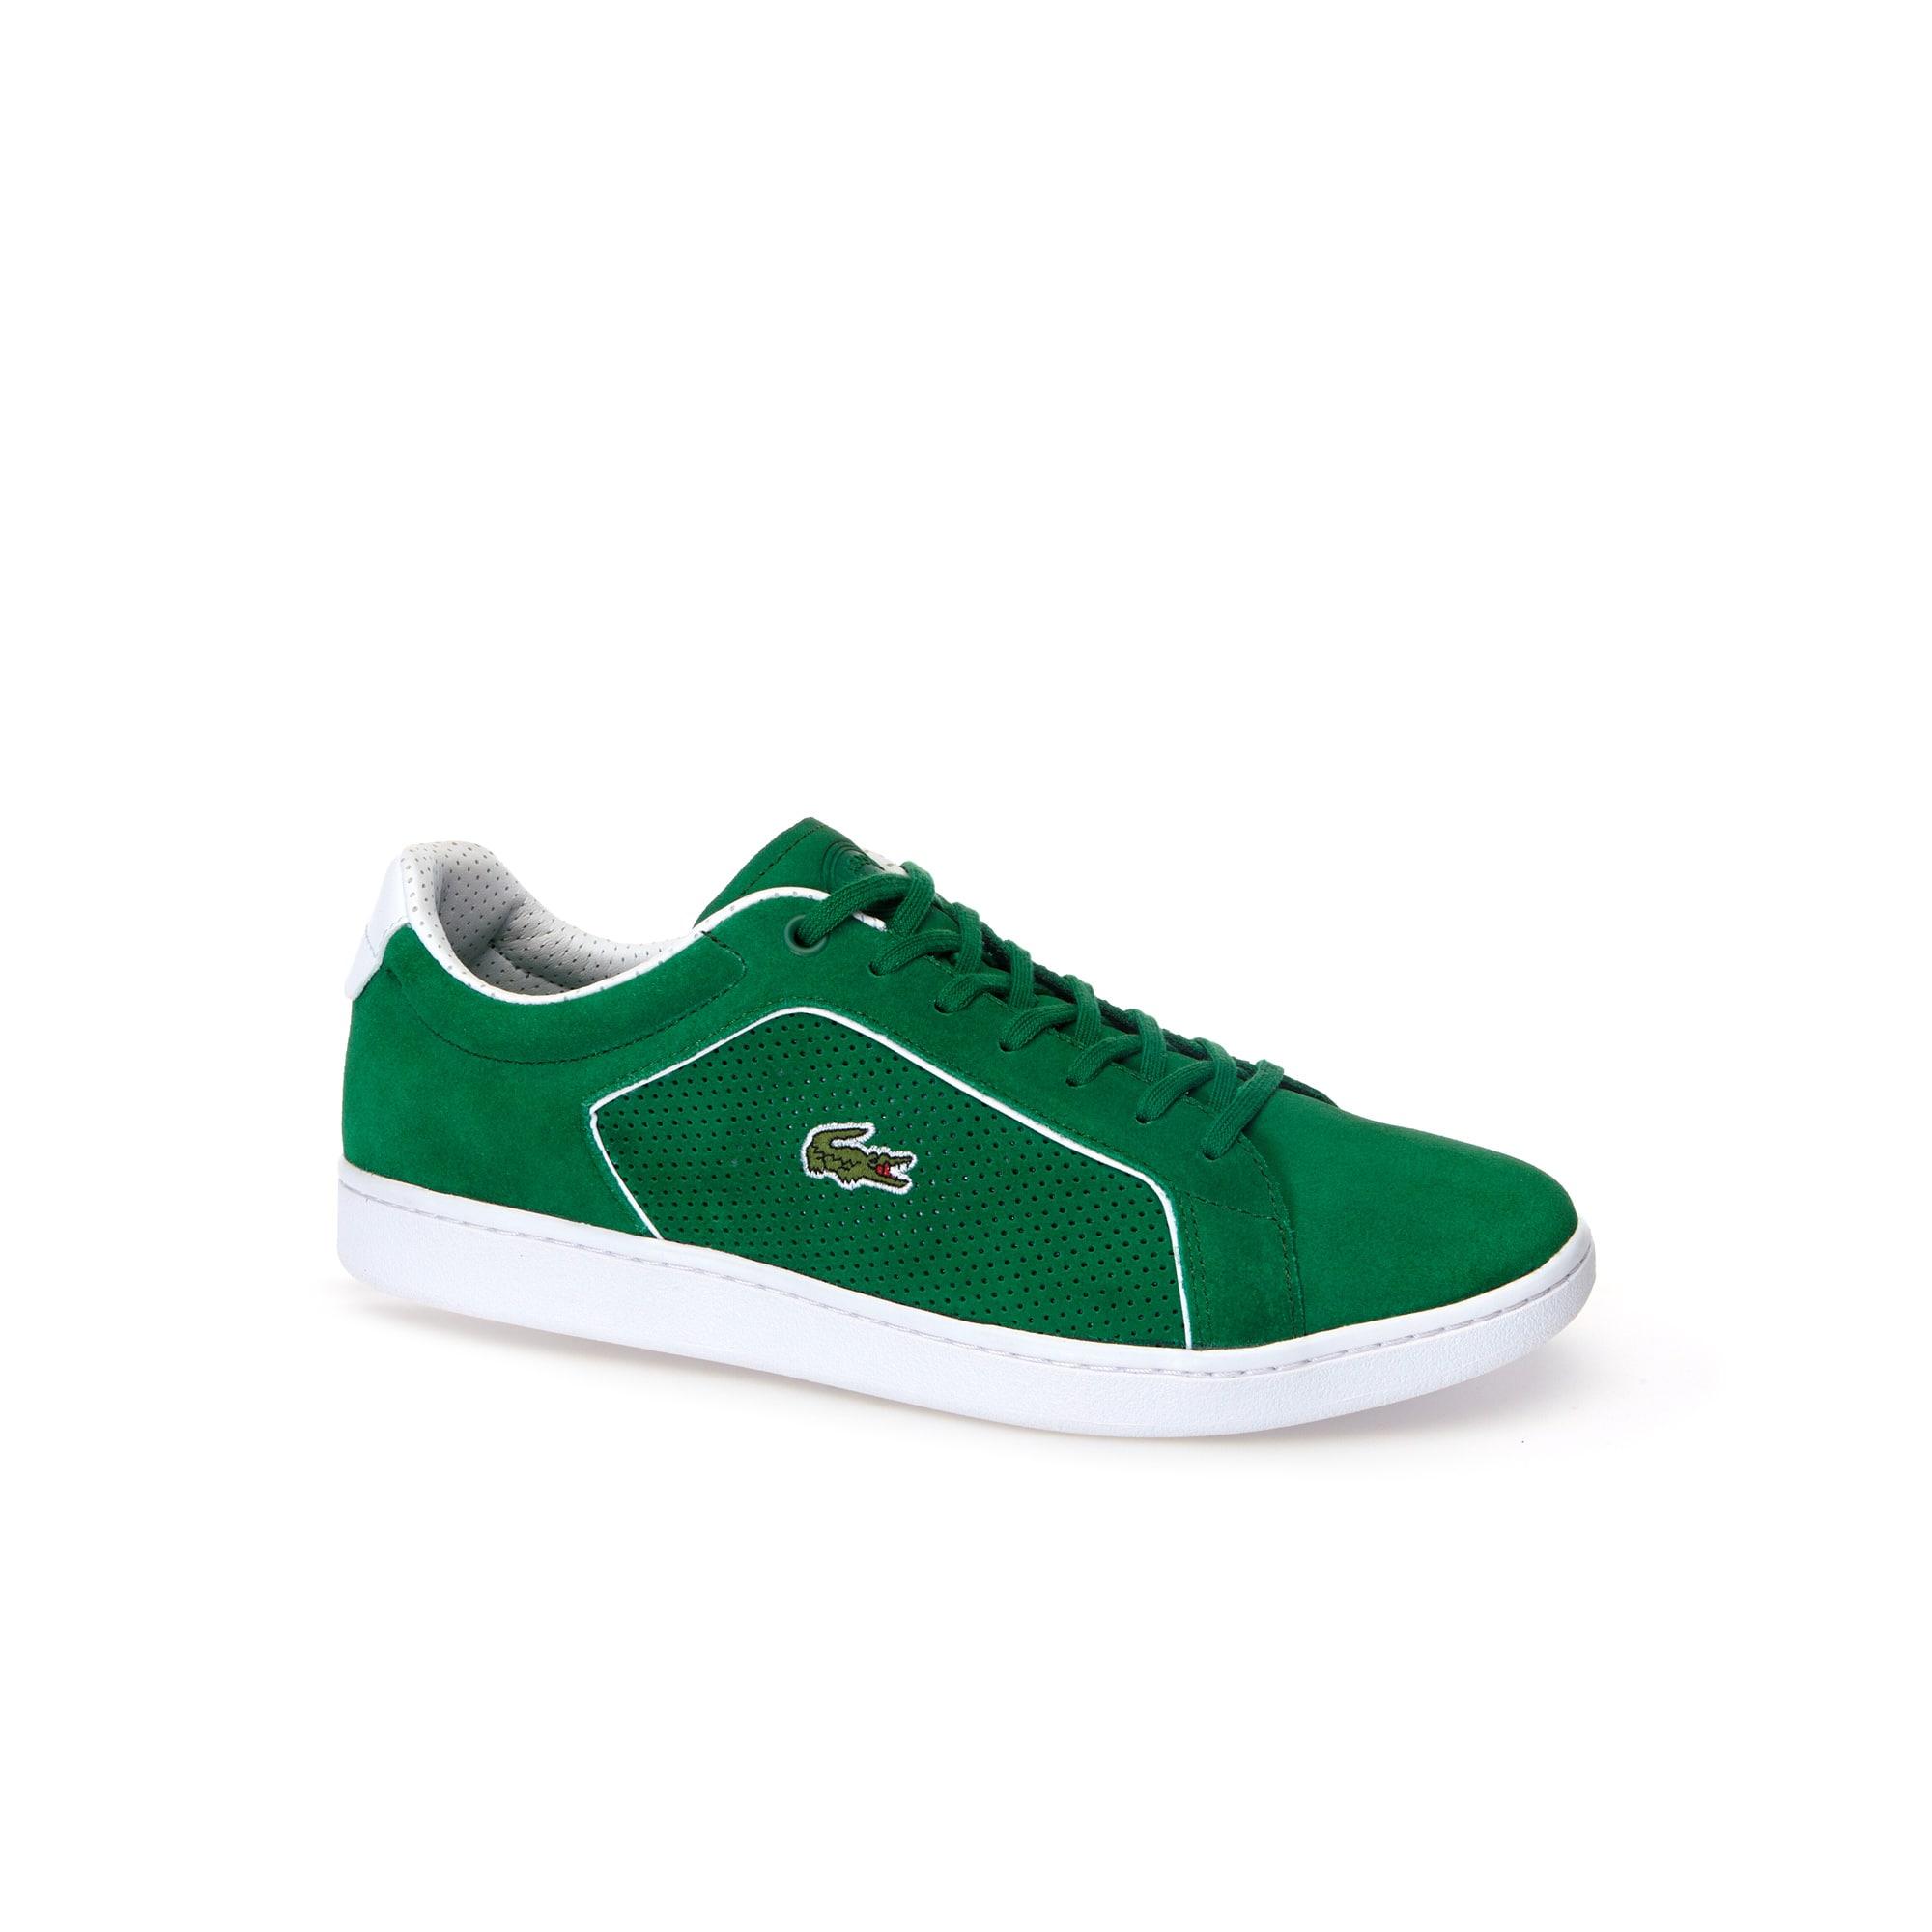 6d2f81fd0 Men s Shoes on Sale